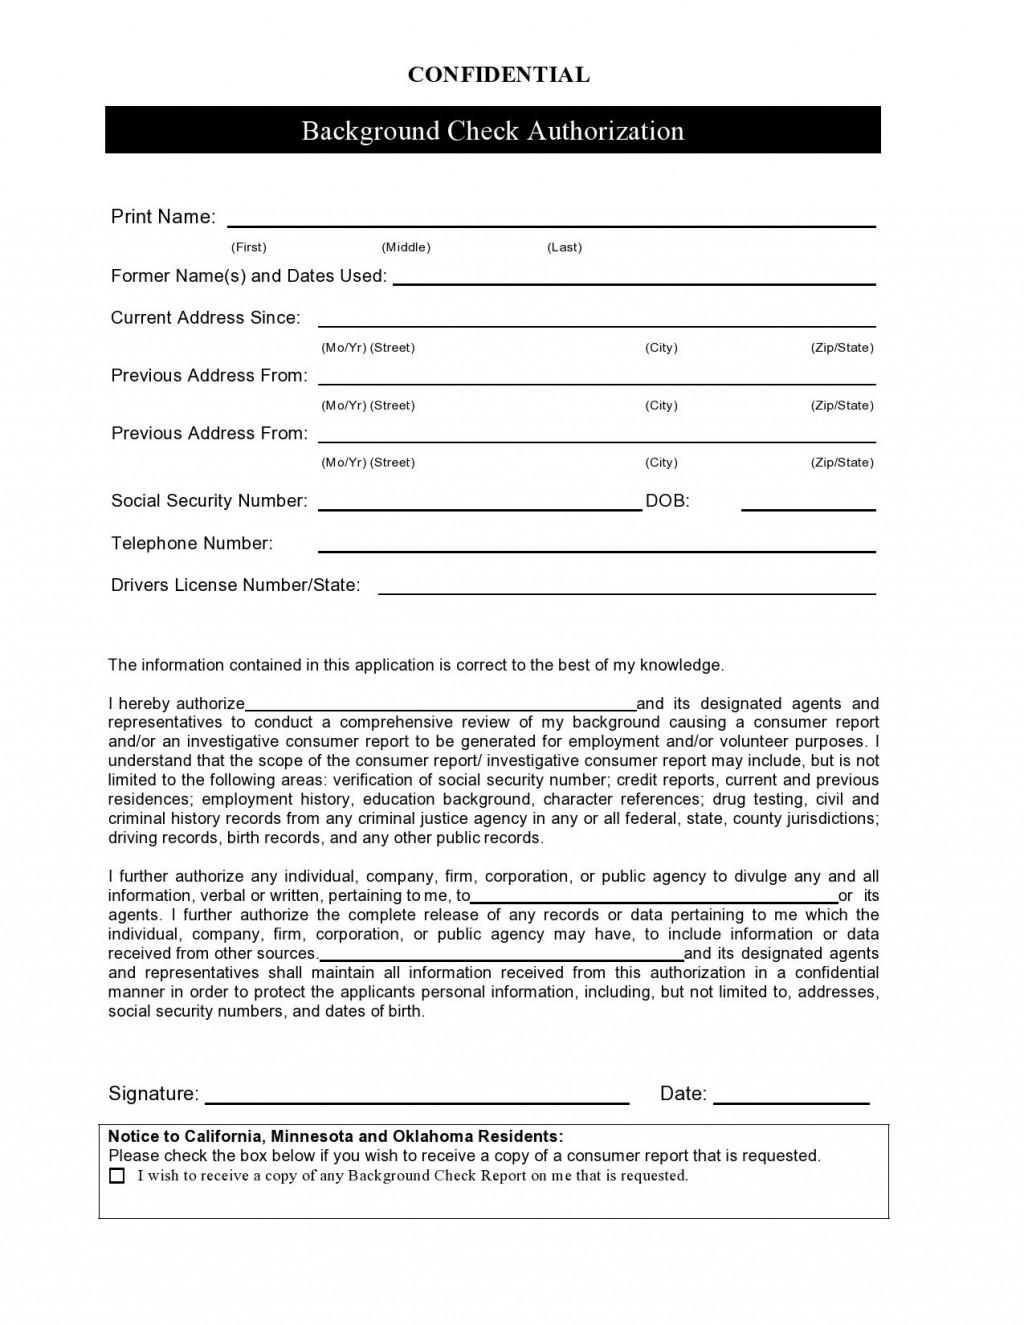 004 Amazing Background Check Form Template Free Image  AuthorizationLarge